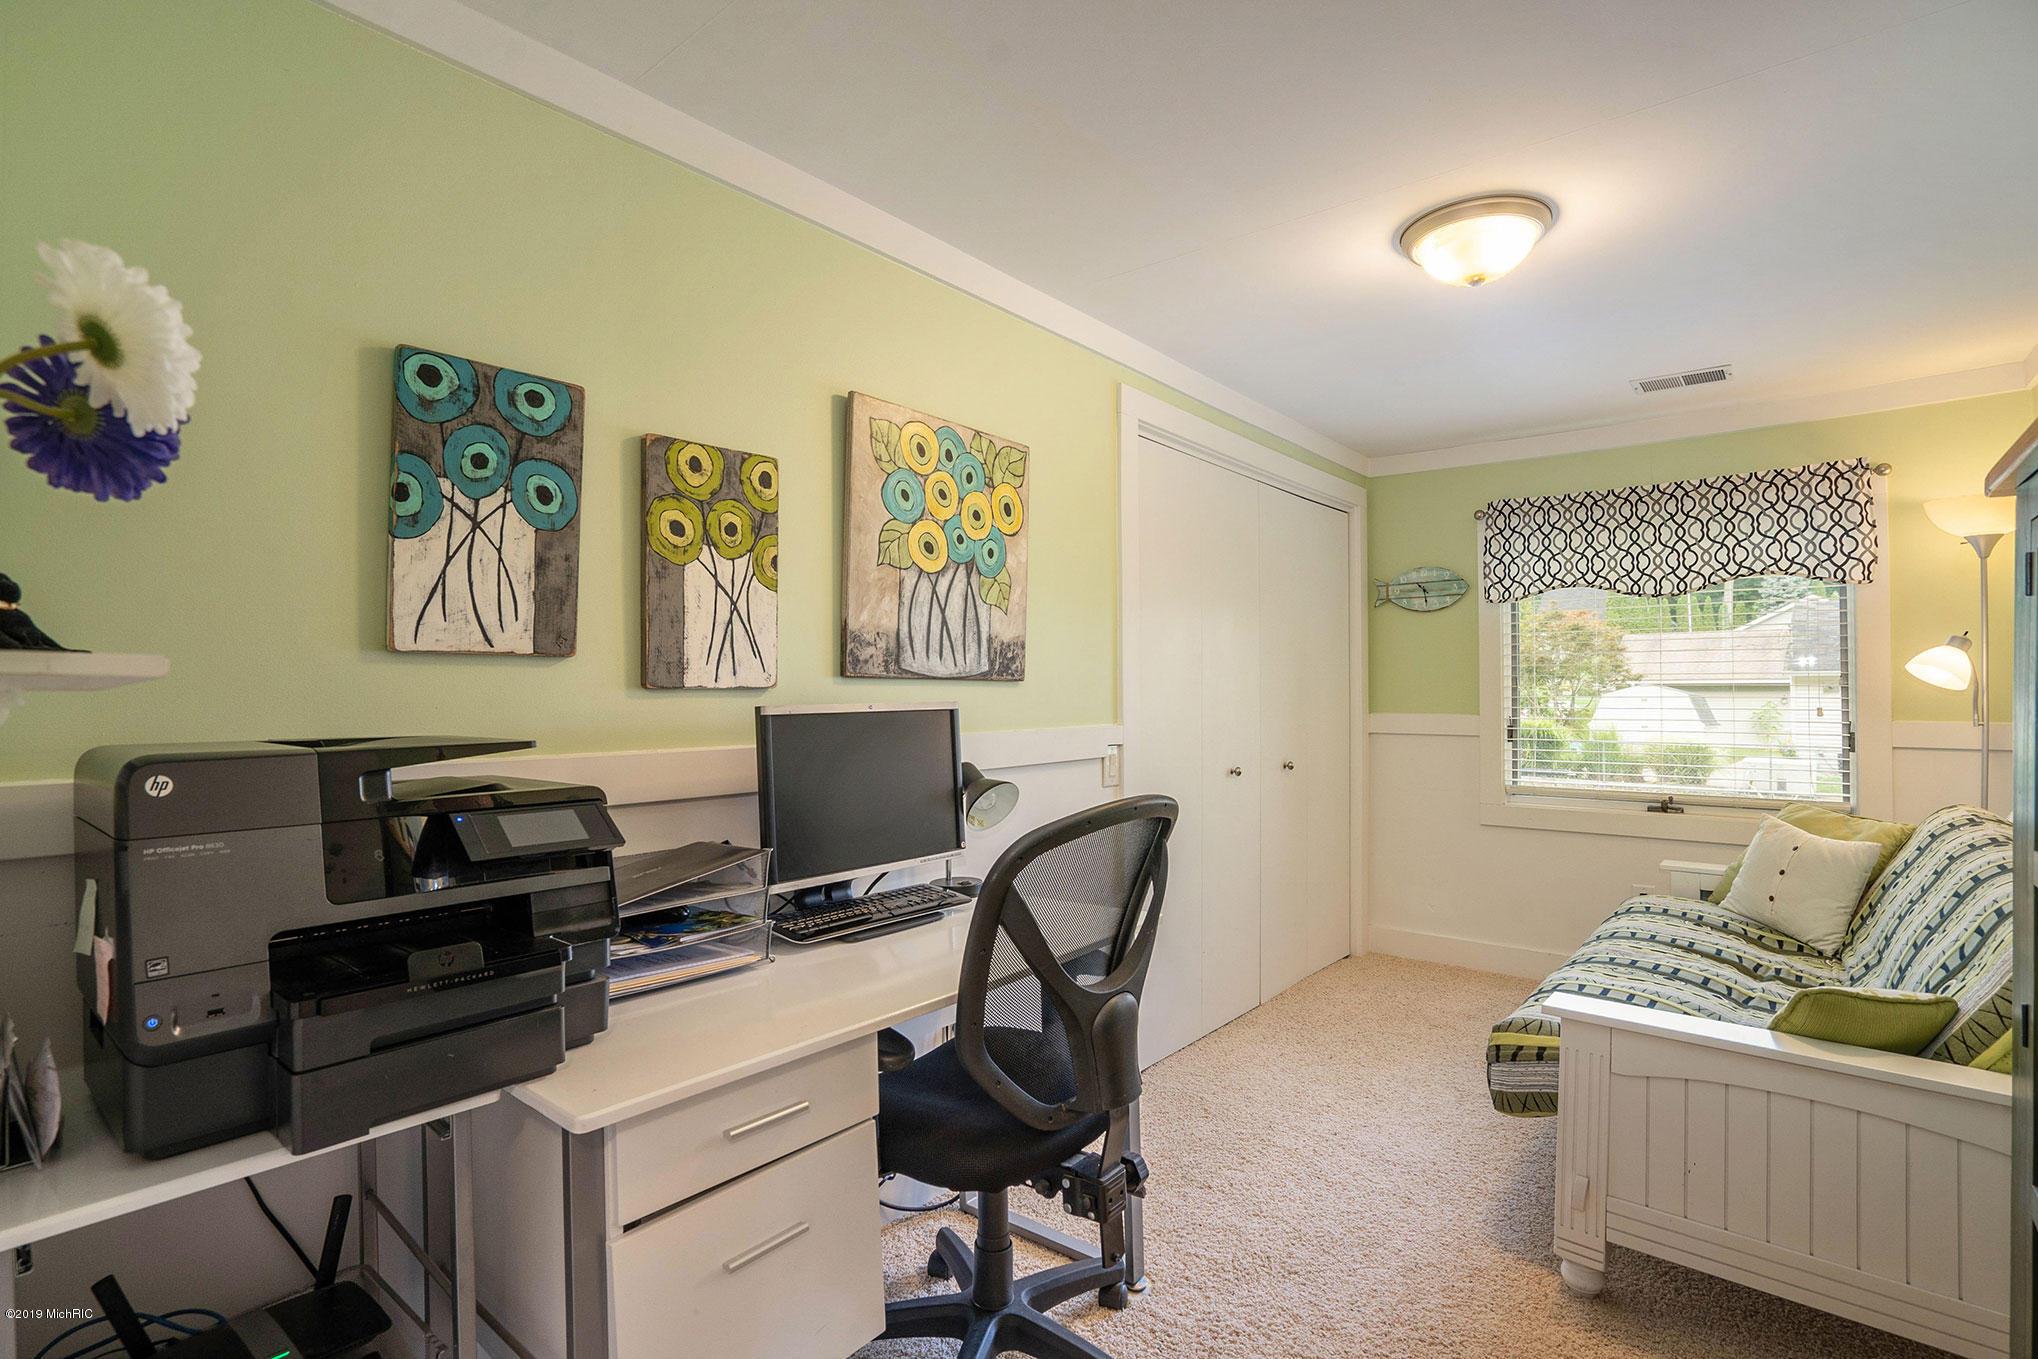 Bedroom #3/Office